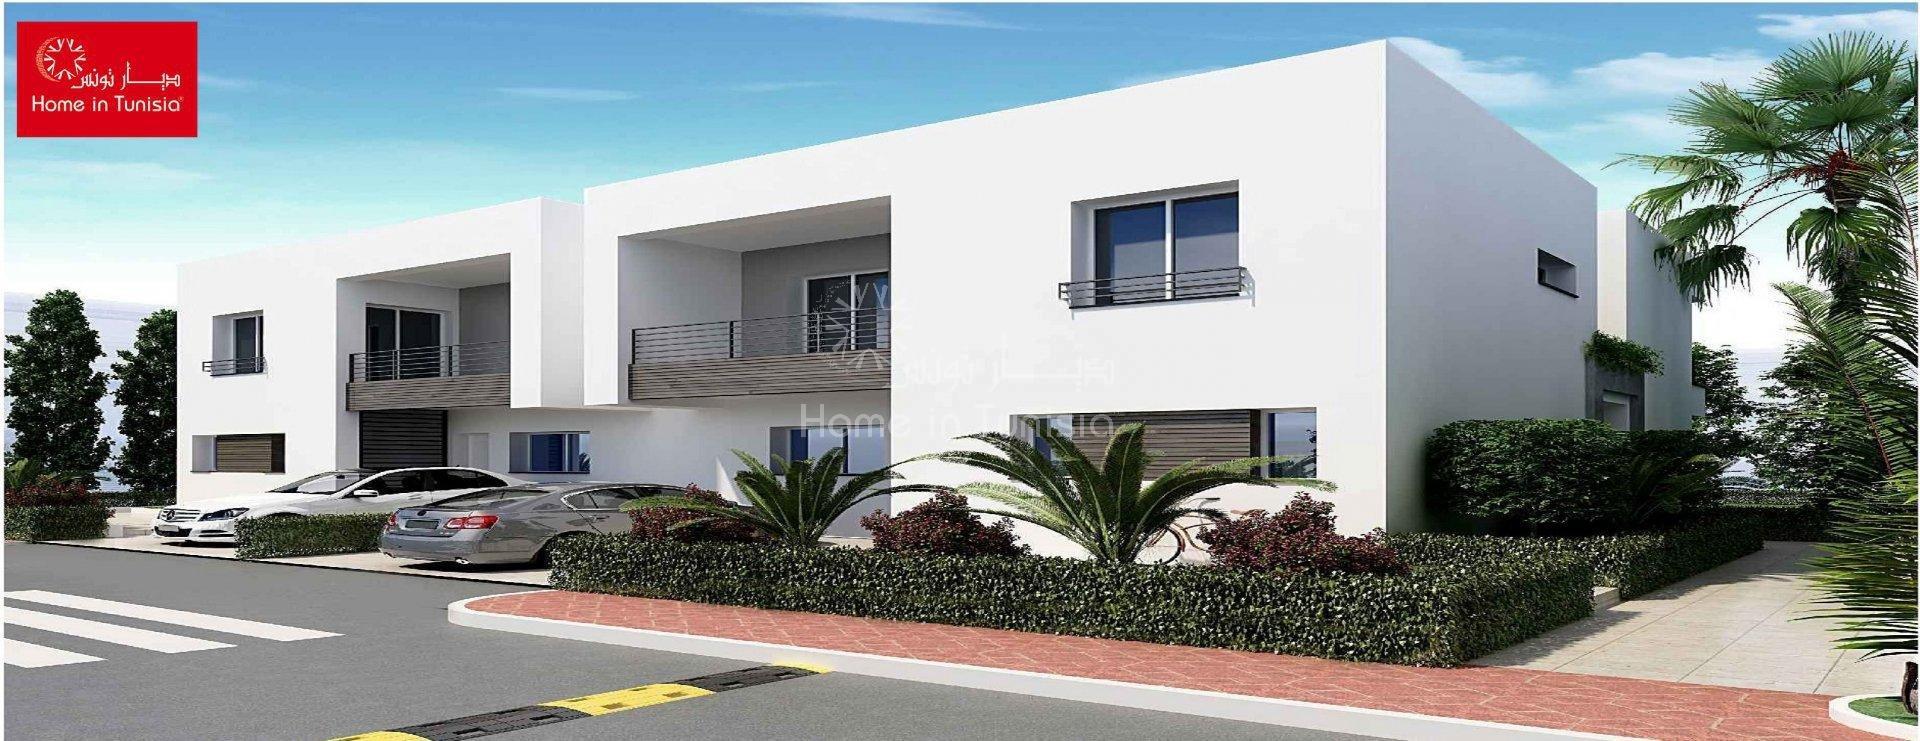 In fase di costruzione immobiliari in vendita 7 camere da for Case kit cottage 2 camere da letto